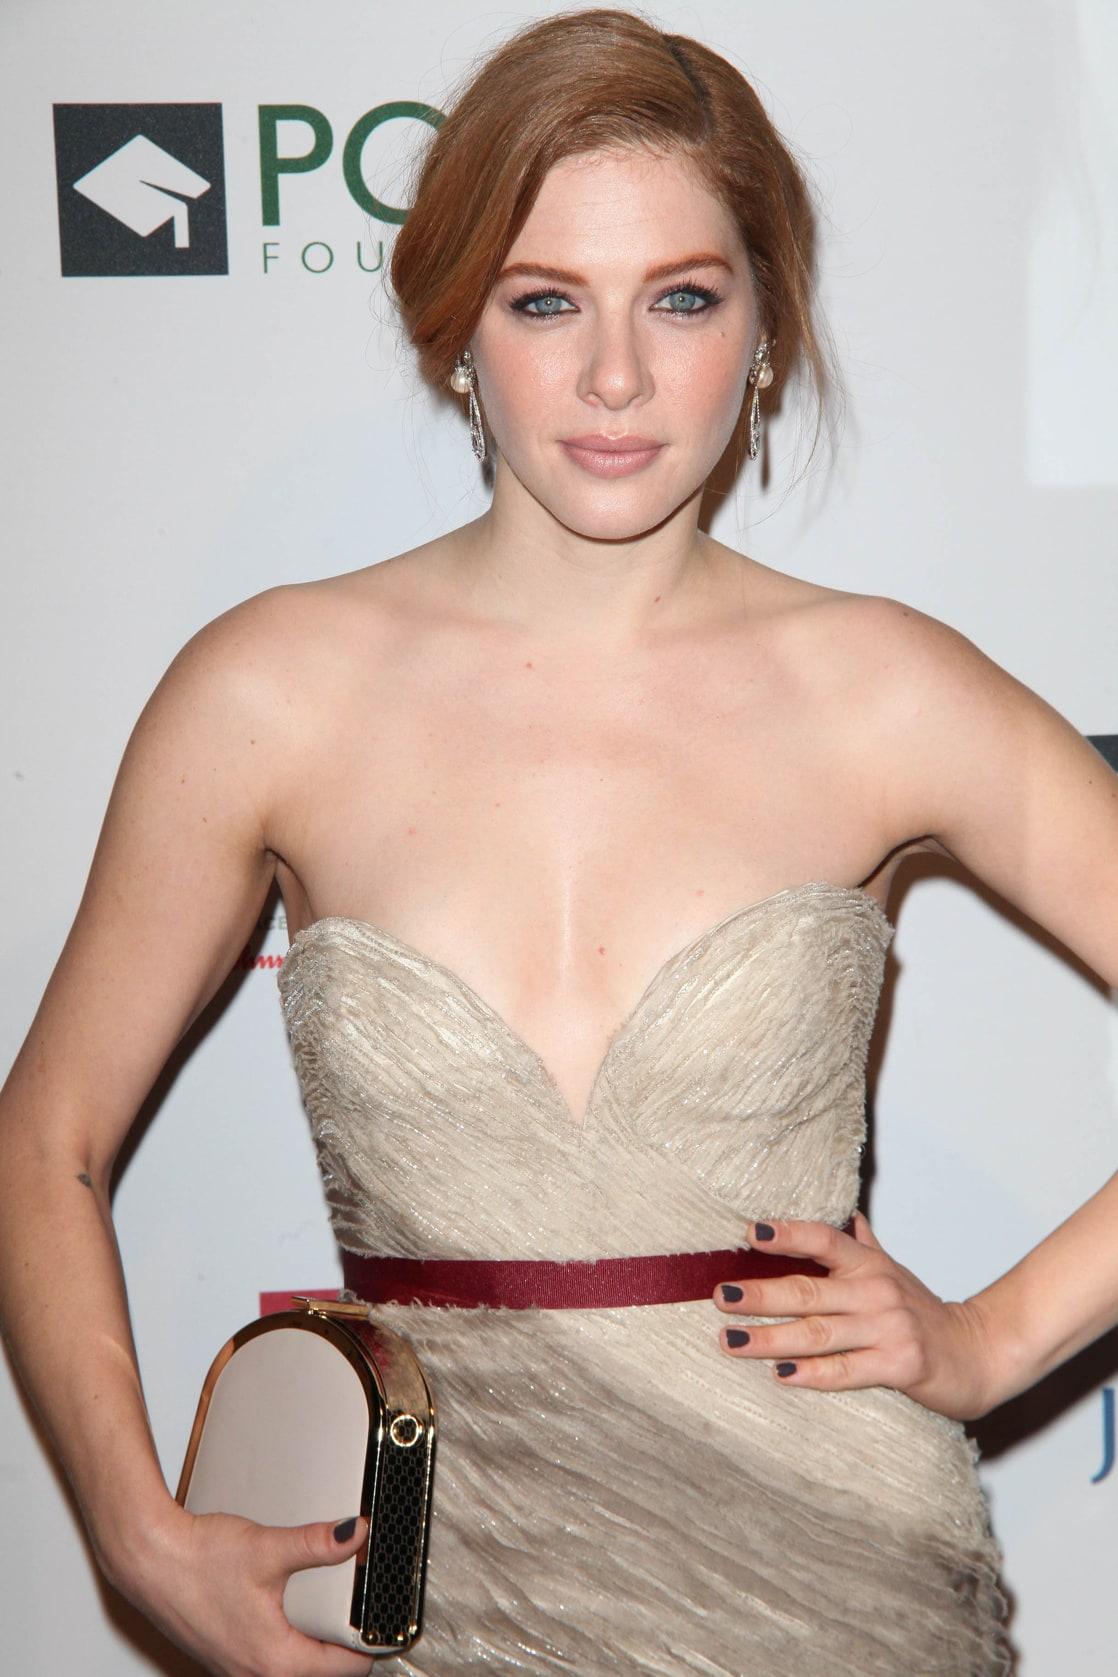 Katie featherston boob